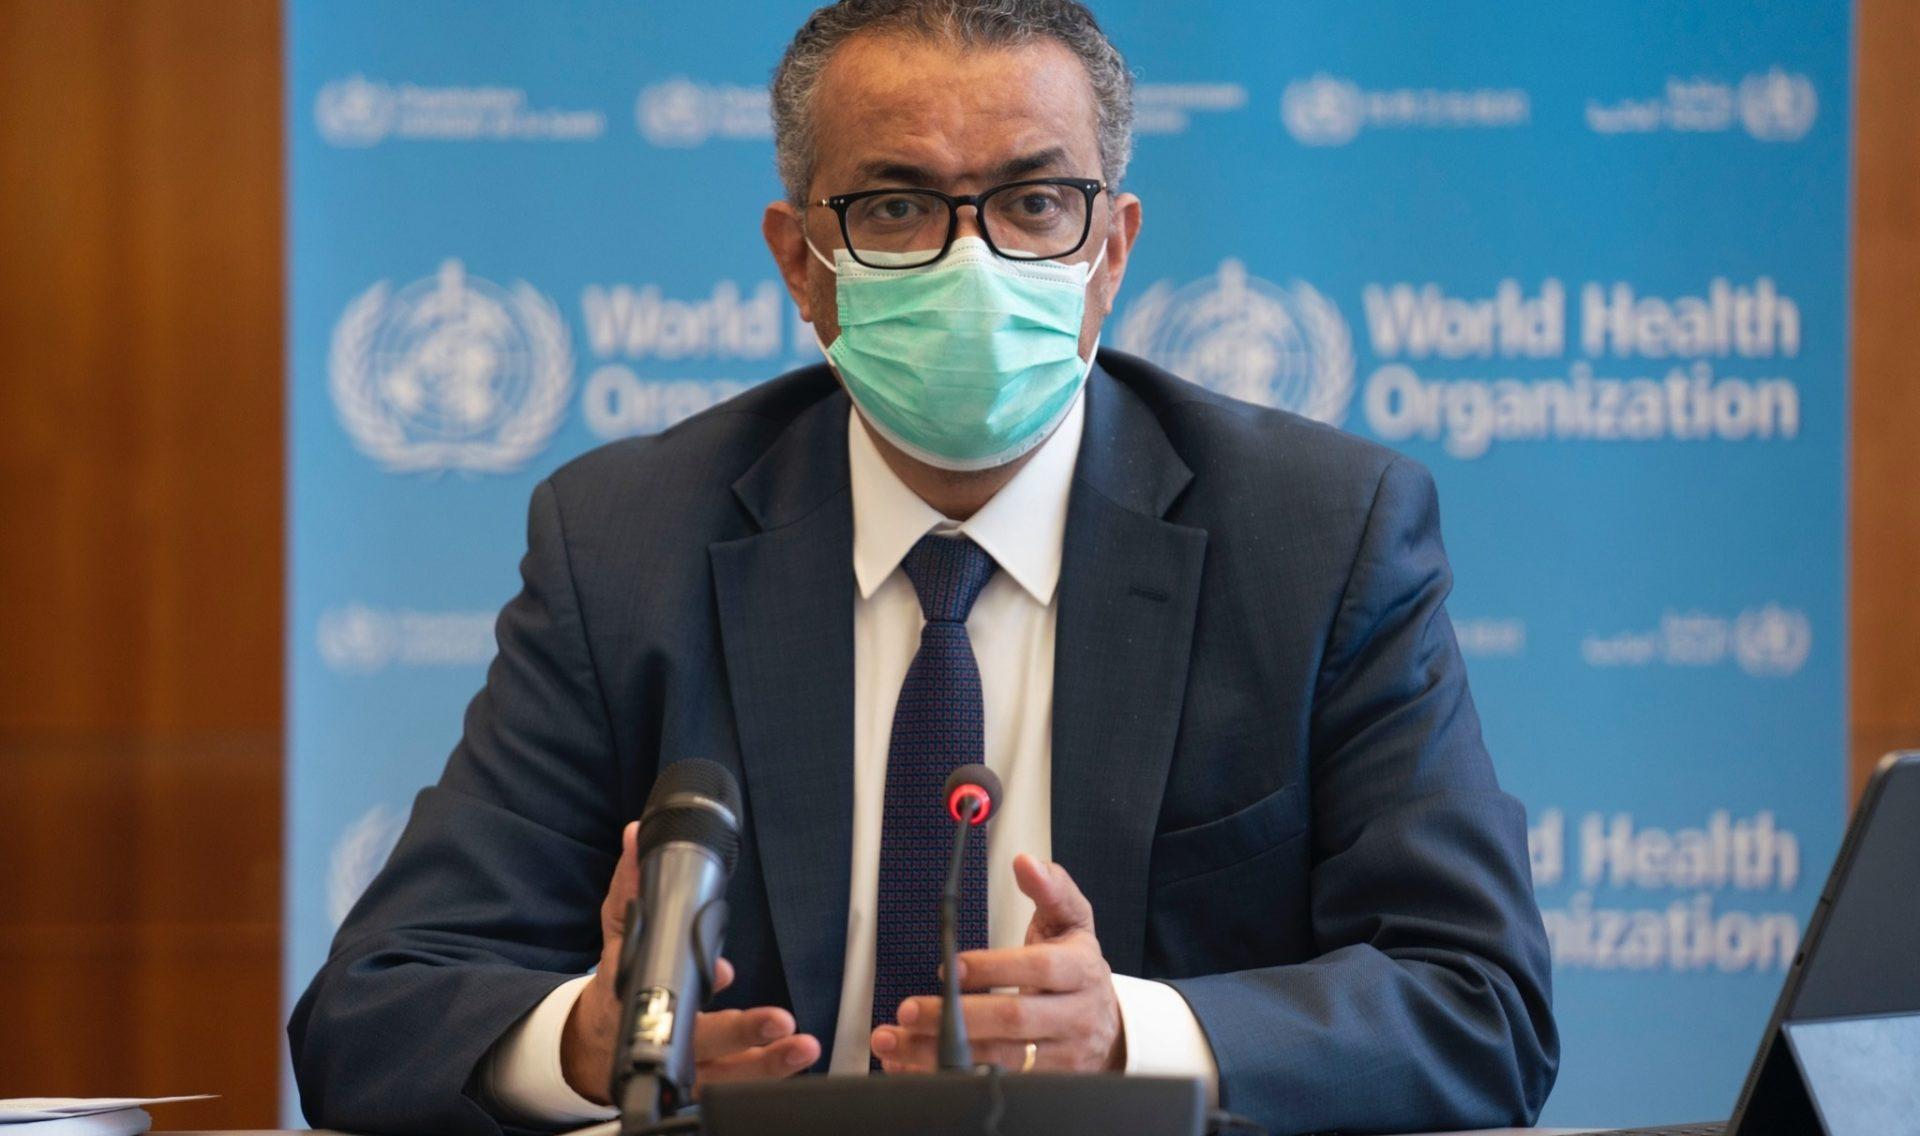 El director general de la Organización Mundial de la Salud (OMS), Tedros Adhanom Ghebreyesus, durante la reunión del Comité de Emergencias de la OMS